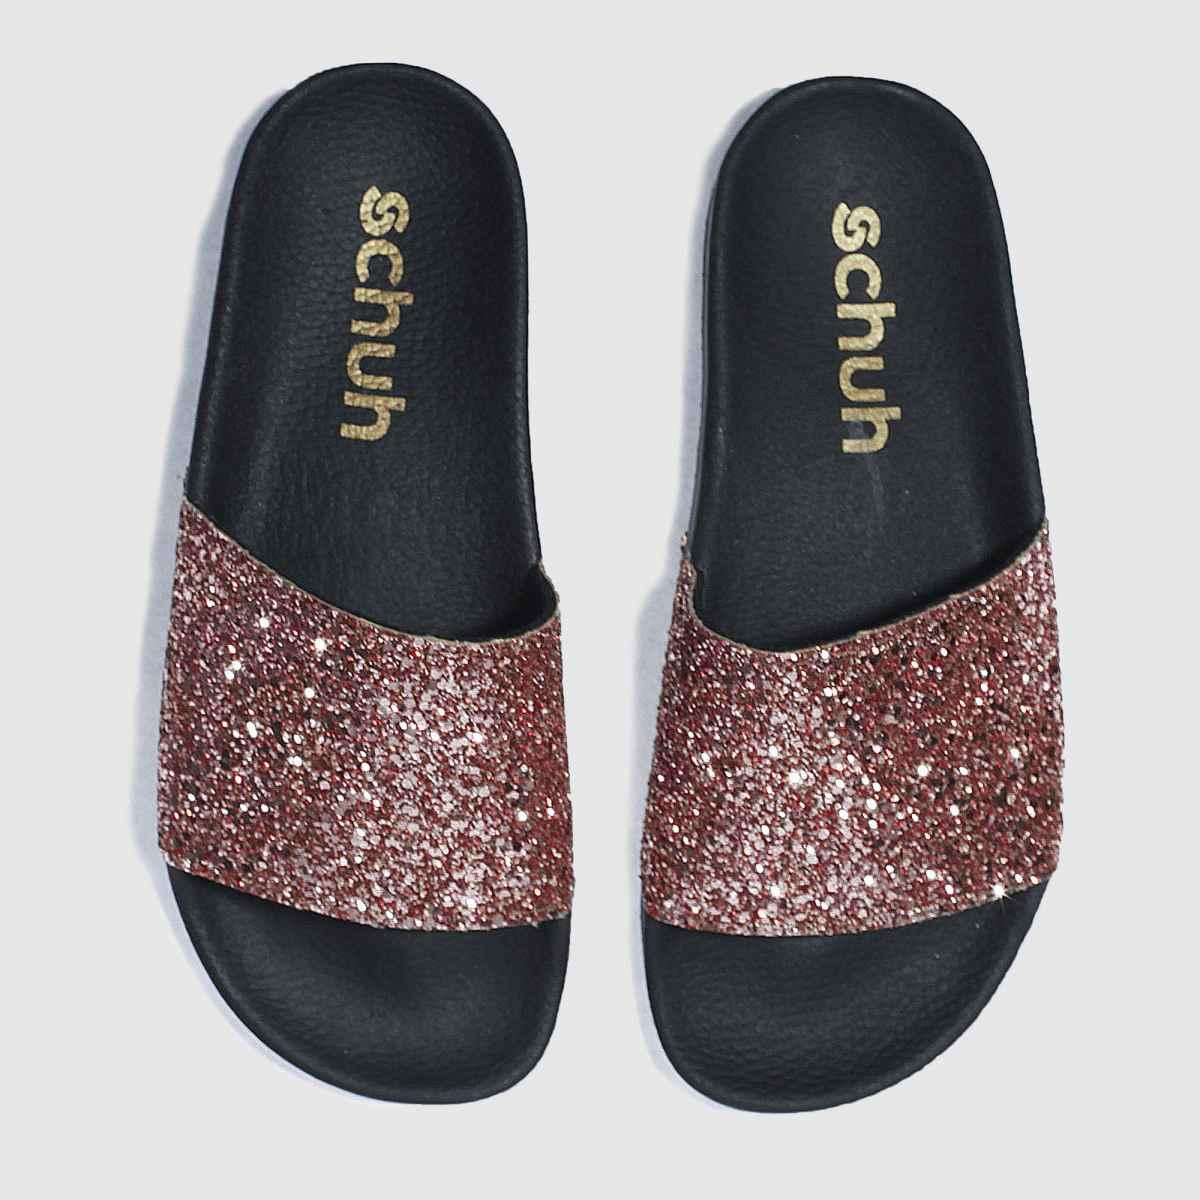 schuh Schuh Bronze Proper Boss Slider Sandals